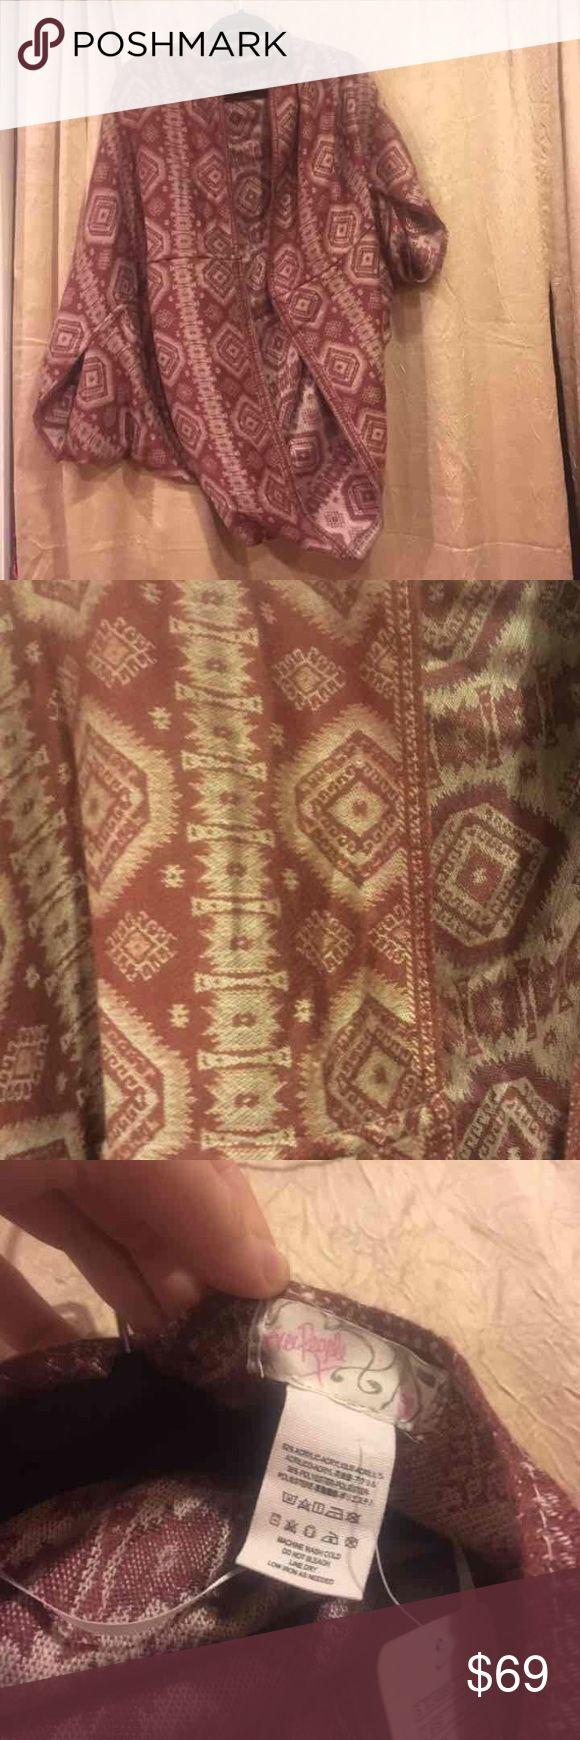 схемы вышивки крестом буковинские орнаменты